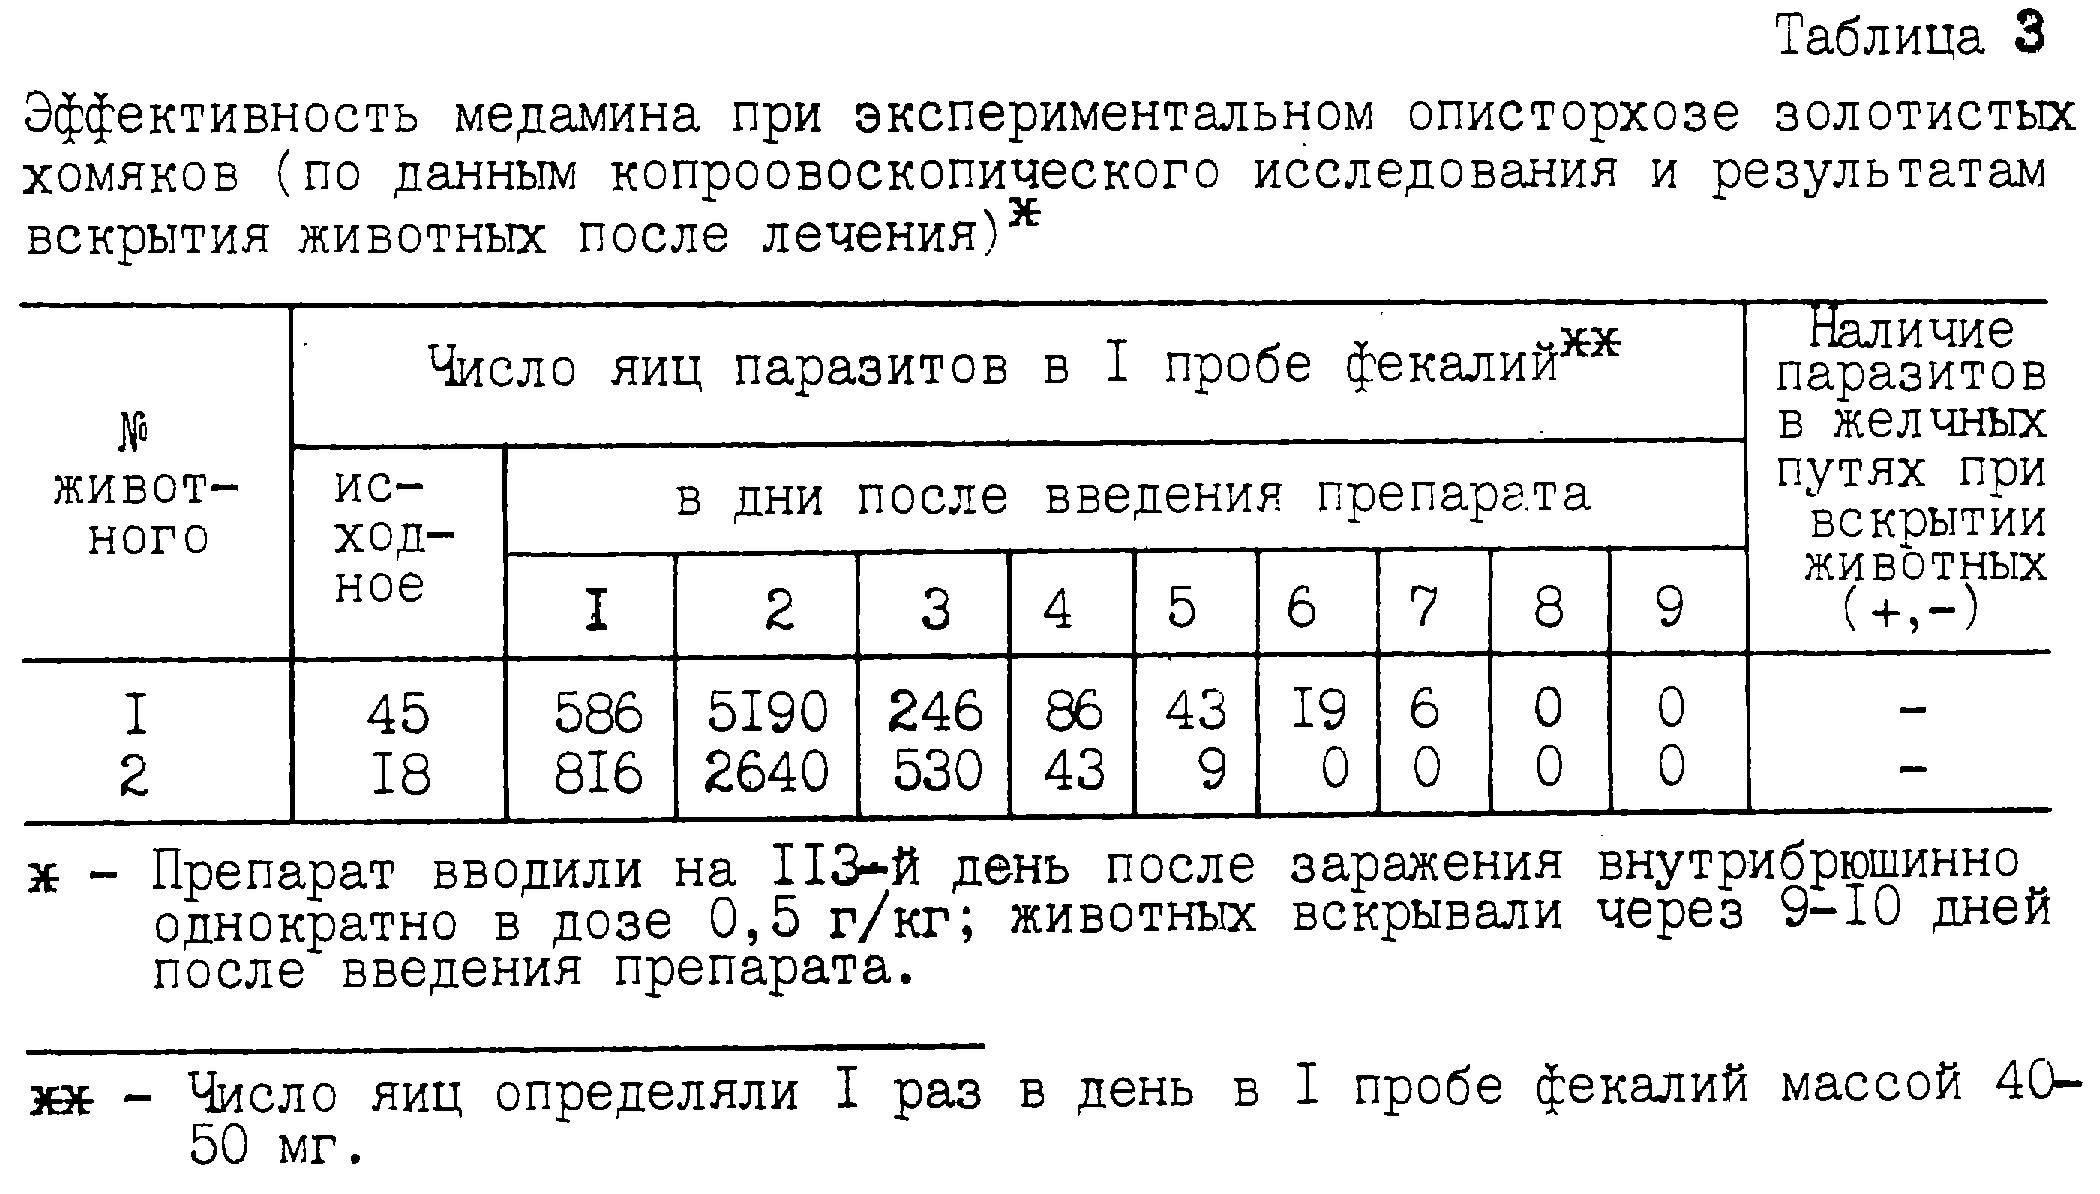 Minski giardiasis vizsgálata Teniosis tartály